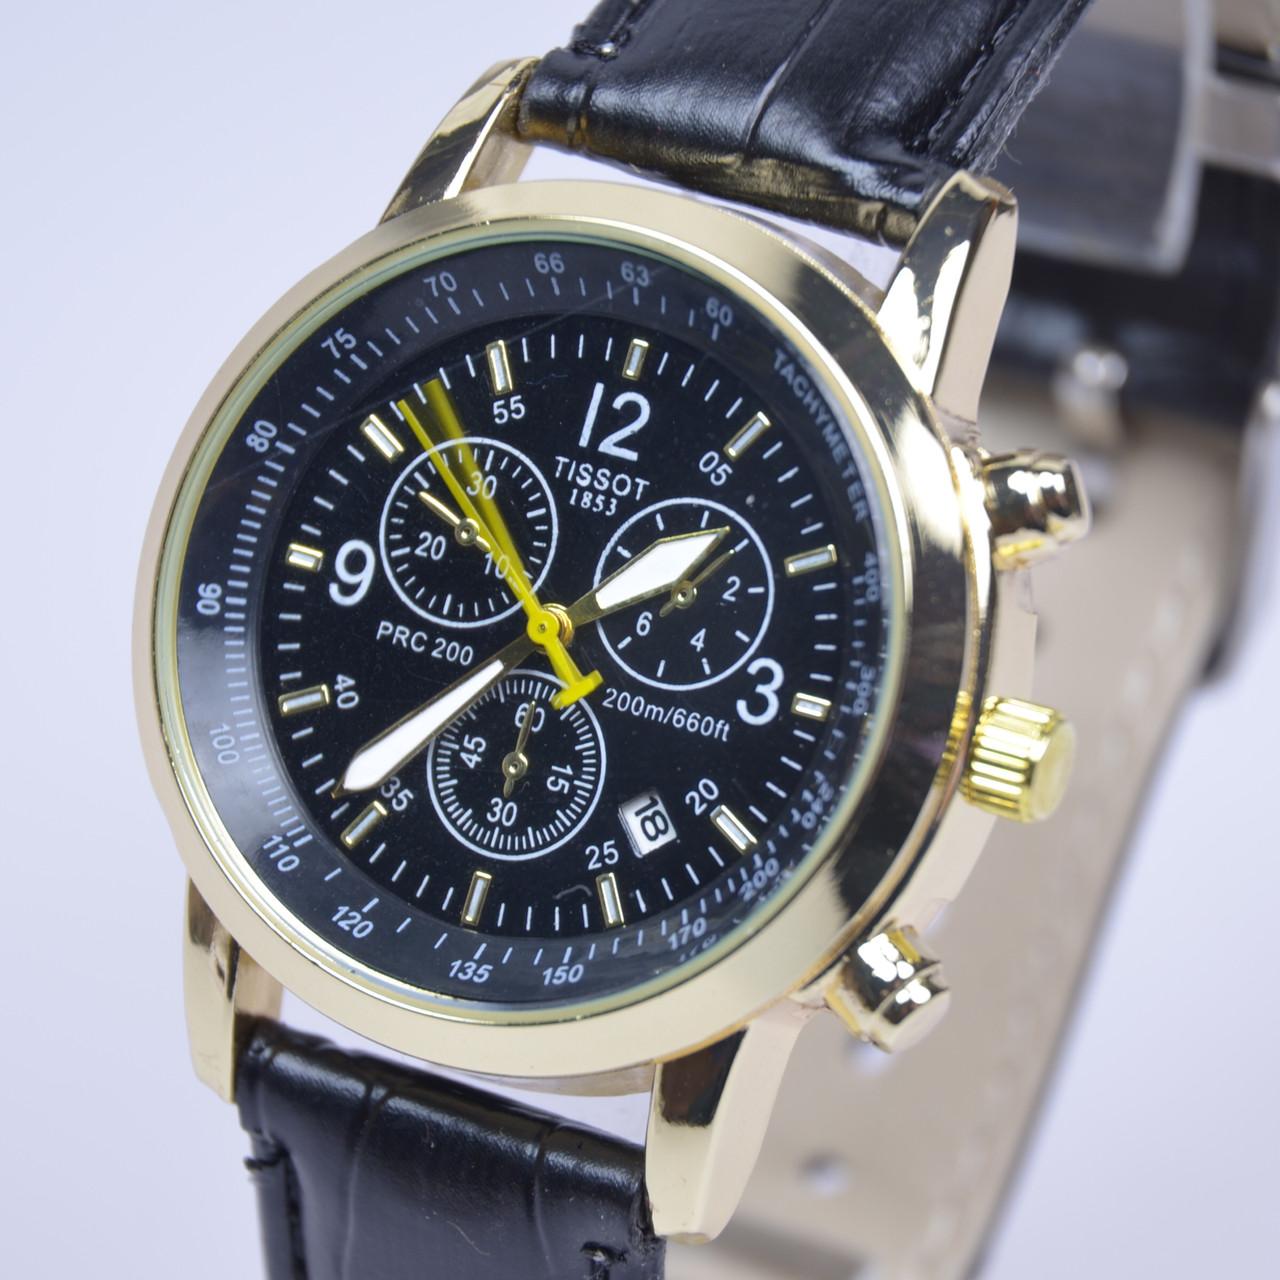 Часы мужские тиссот prc200 замена